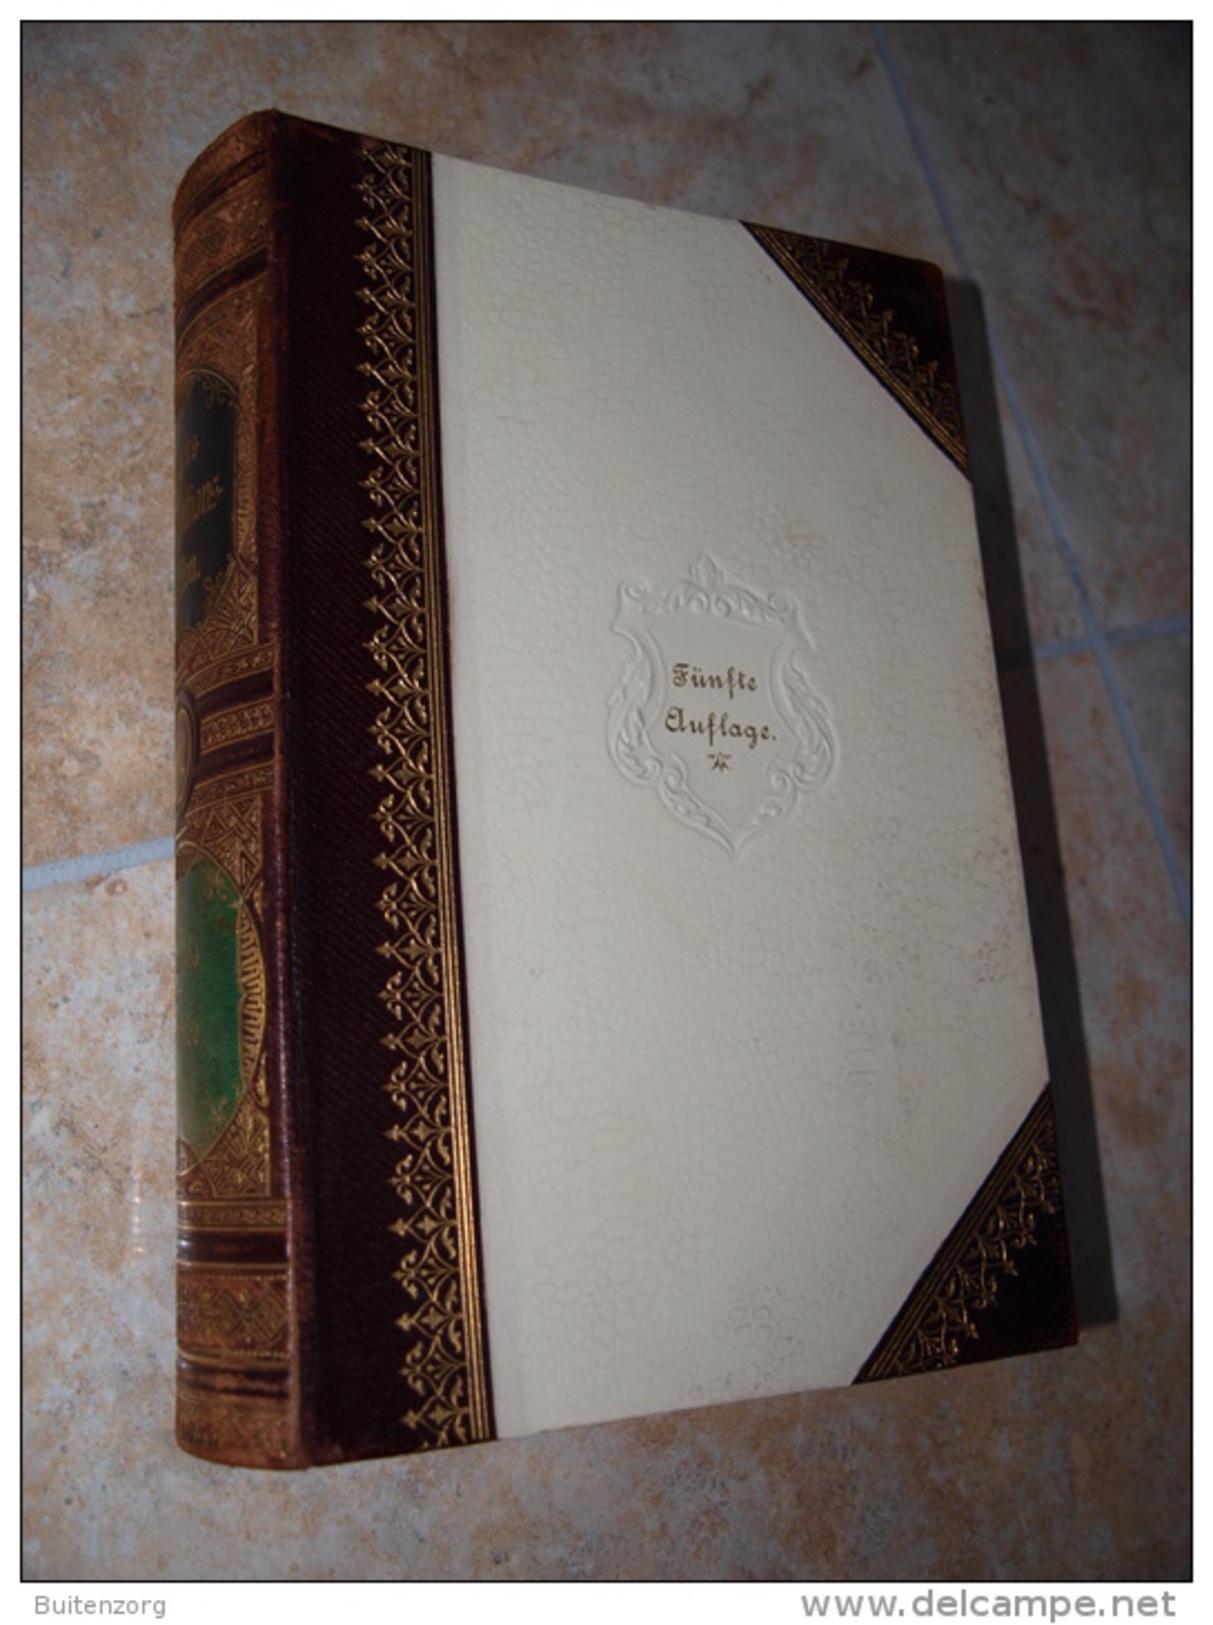 Dictionnaire MEYERS   KONVERSATIONS   LEXICON - Dictionnaires